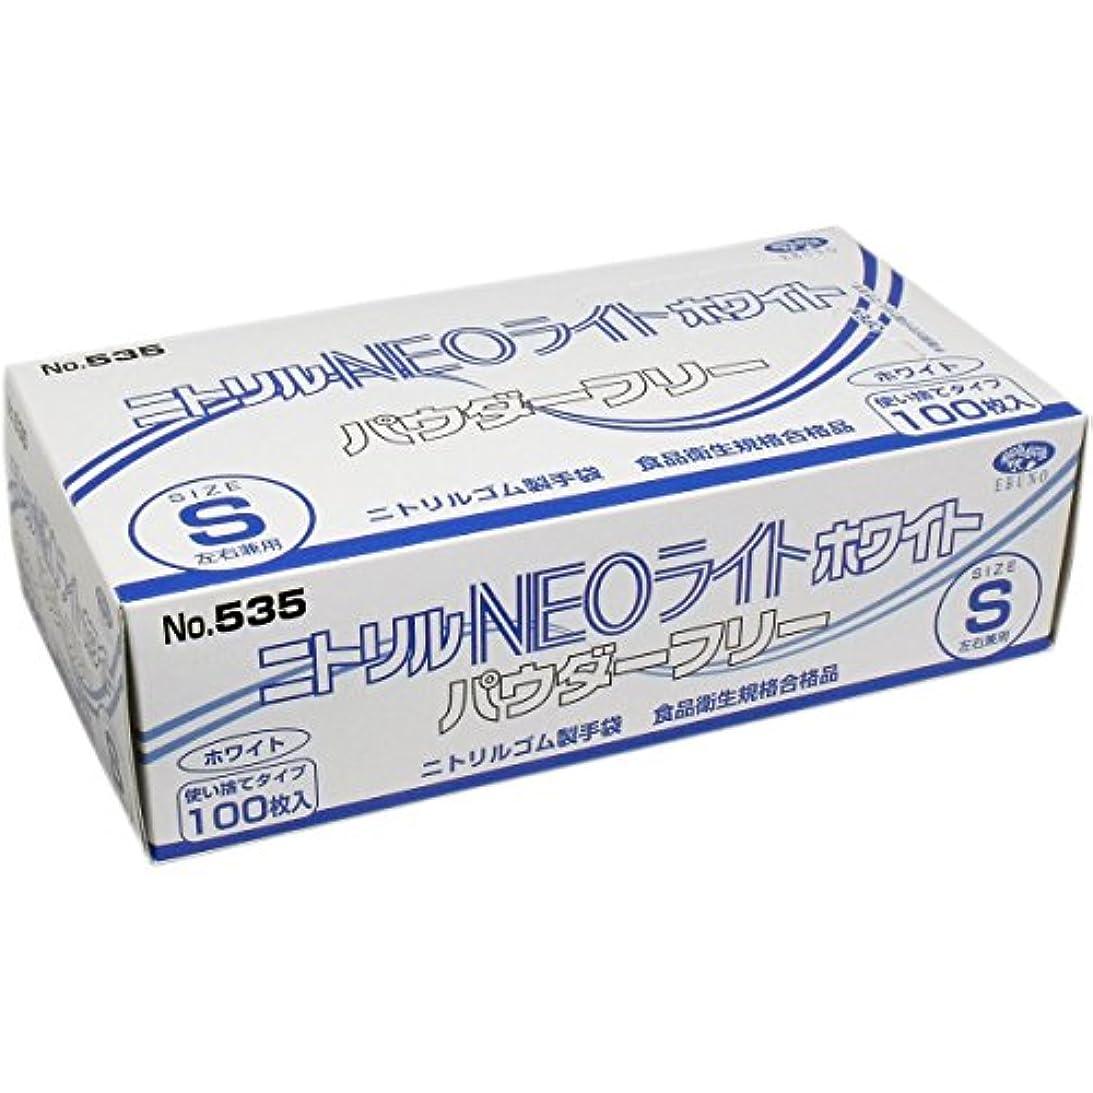 ニトリル手袋 パウダーフリー ホワイト Sサイズ×3個